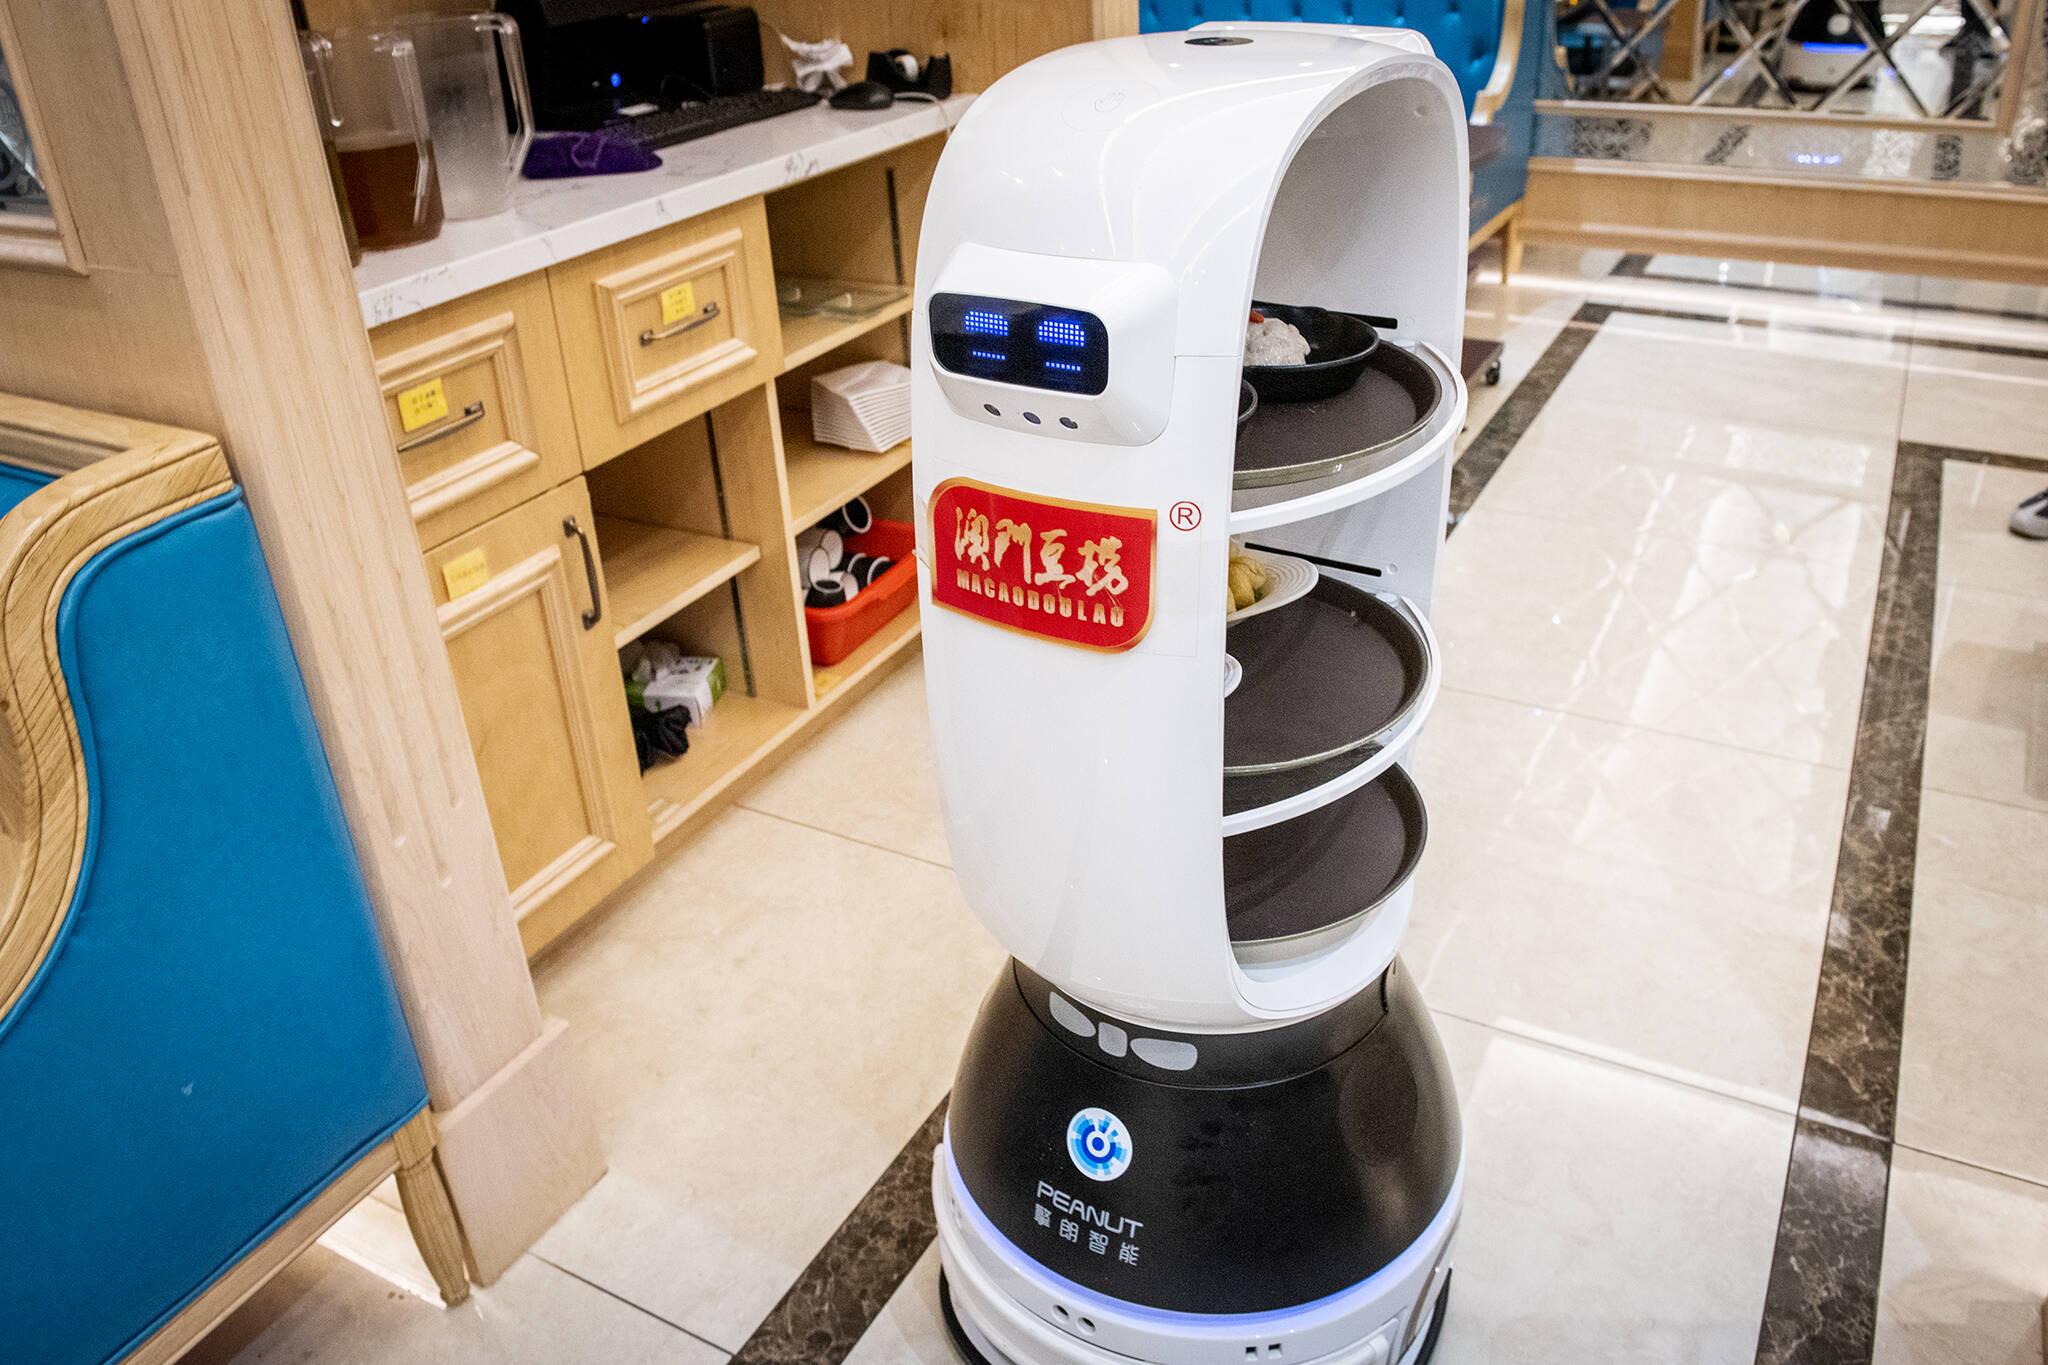 robots restaurants